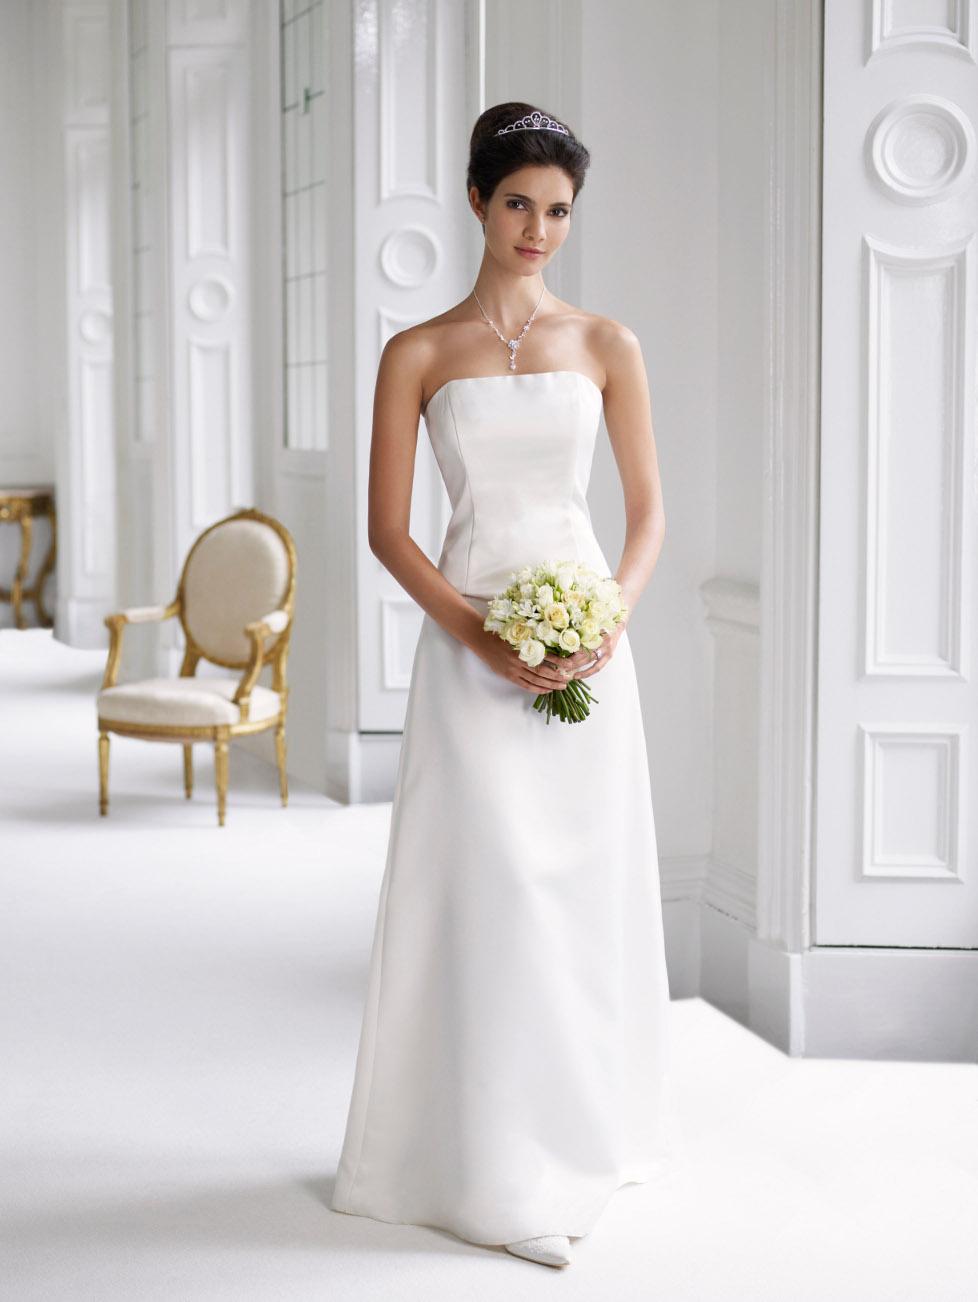 Brautkleider Mode Online: Brautkleider Günstig